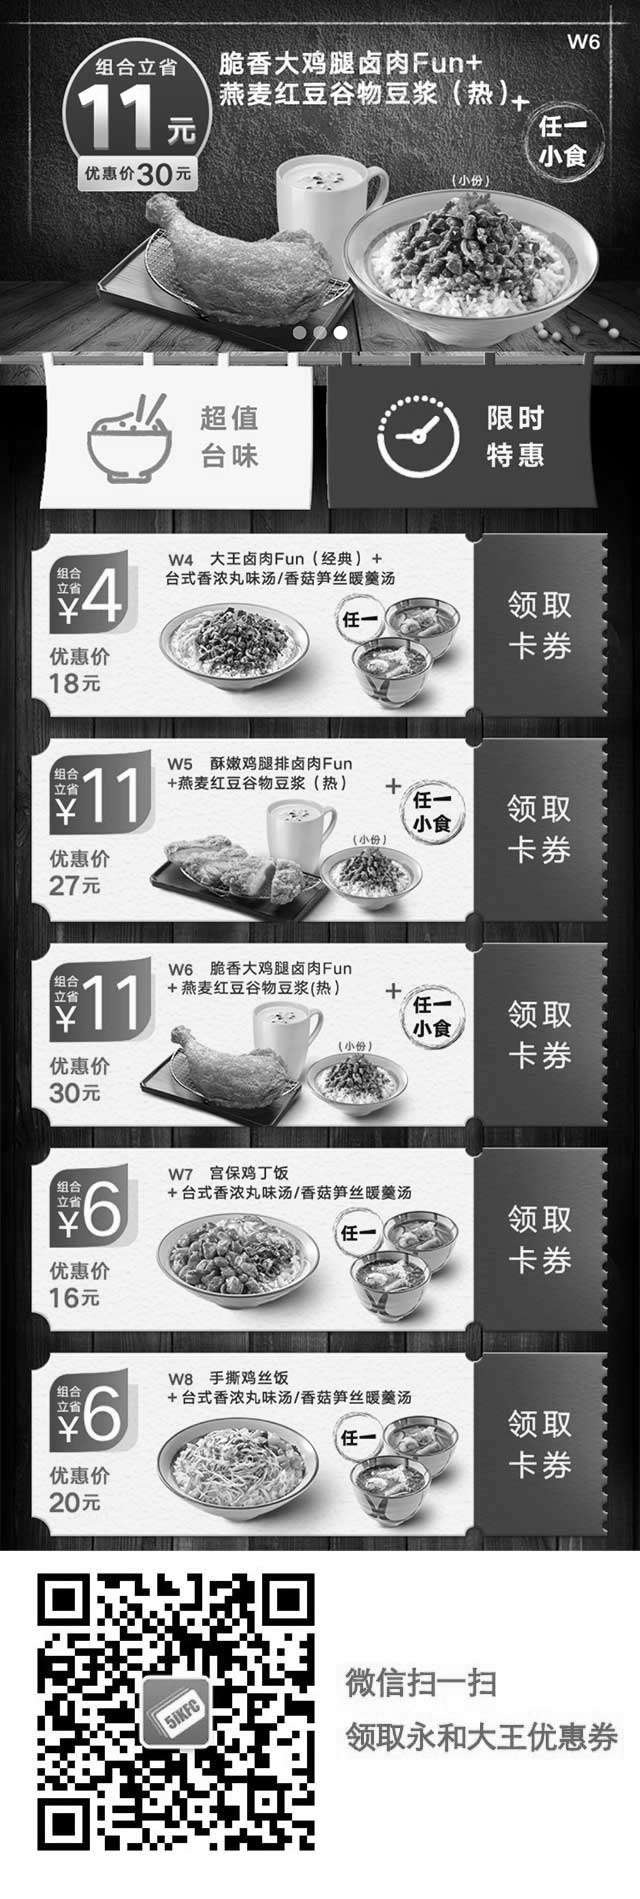 黑白优惠券图片:永和大王限时特惠券2019年3月4月卡券领取,5款Fun套餐限时优惠 - www.5ikfc.com